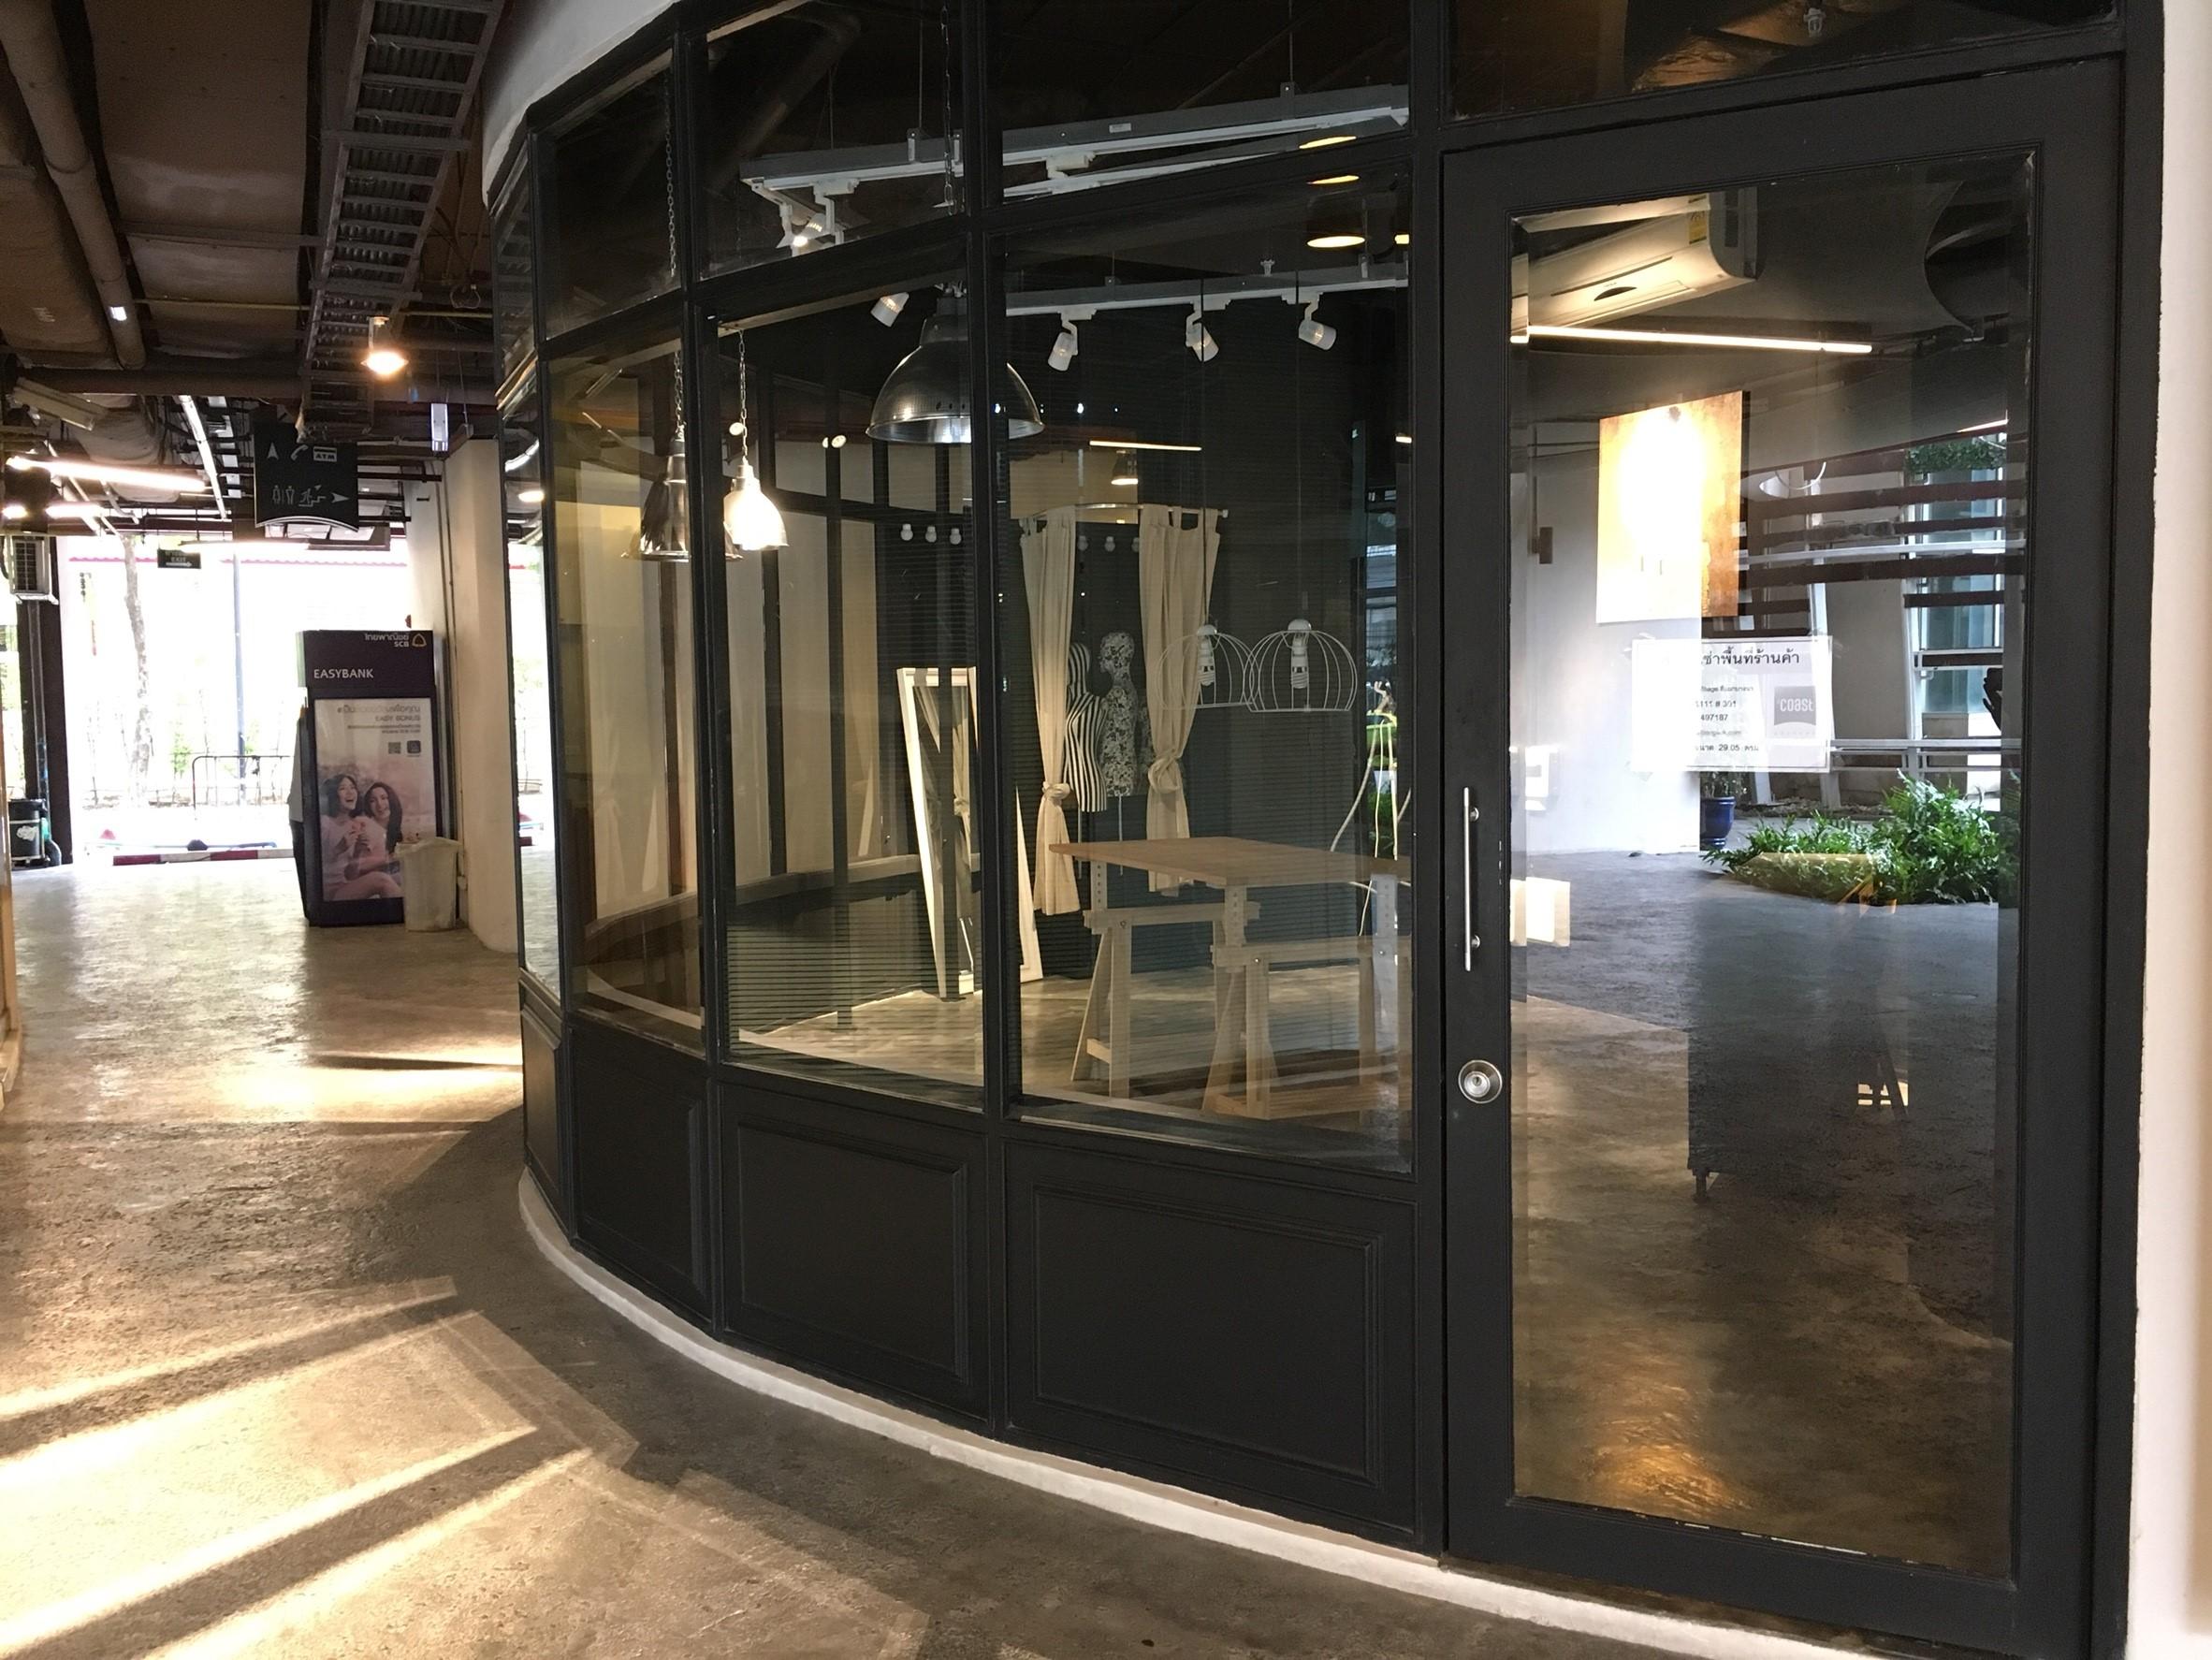 พื้นที่ร้านค้าให้เช่าตกแต่งครบขนาด 29.05 ตารางเมตร